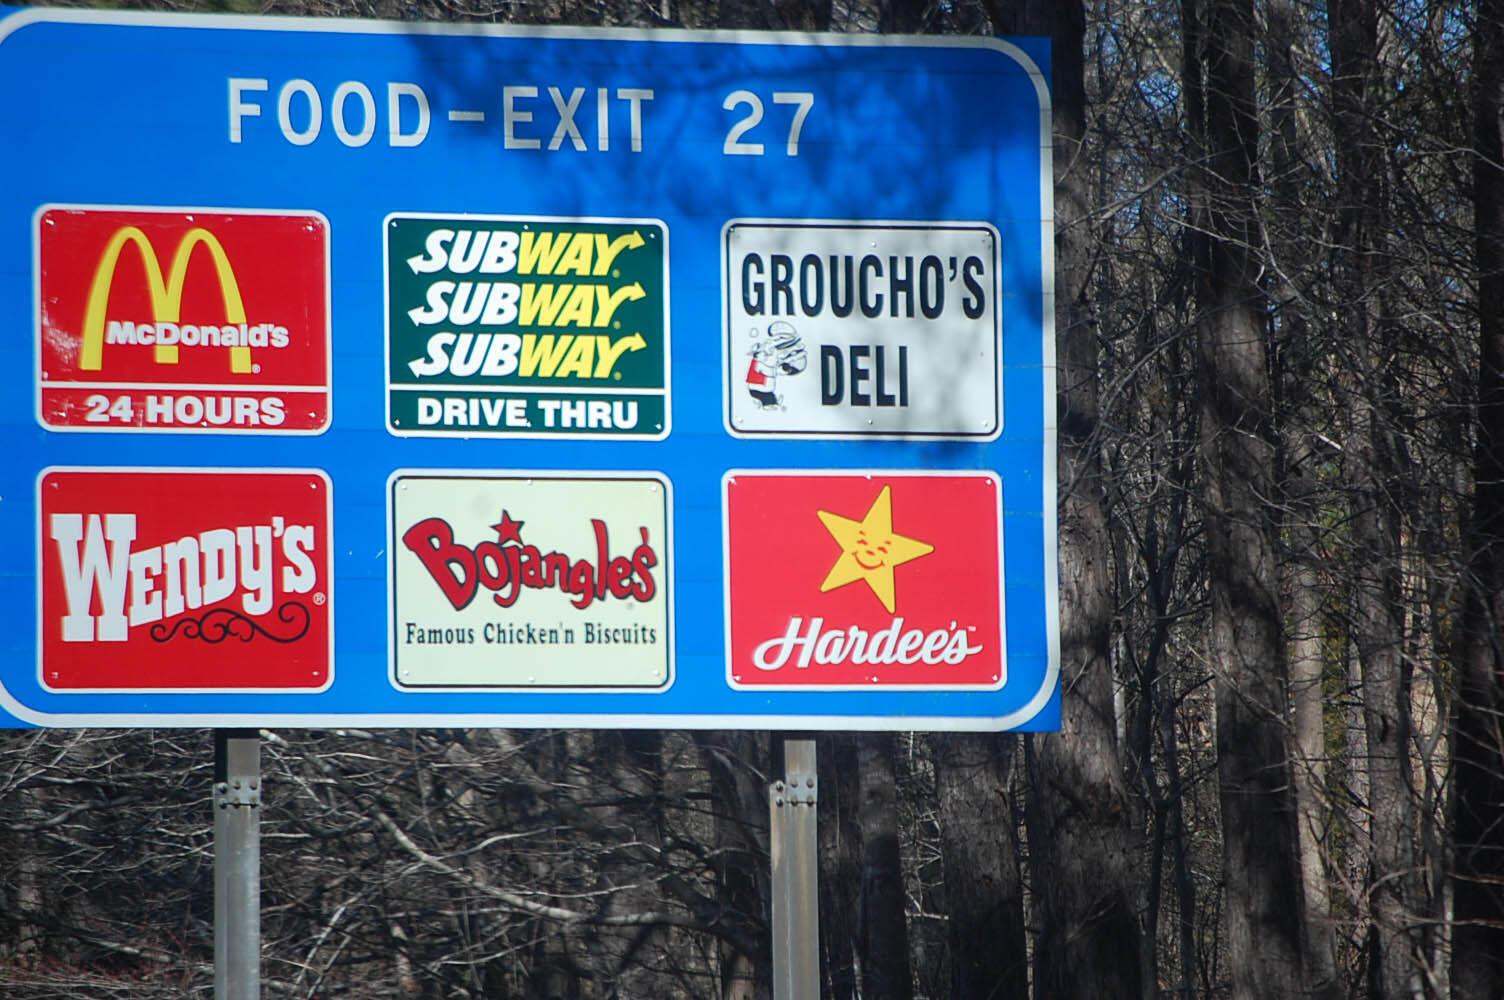 Panneau de signalisation indiquant la présence de plusieurs fast food.